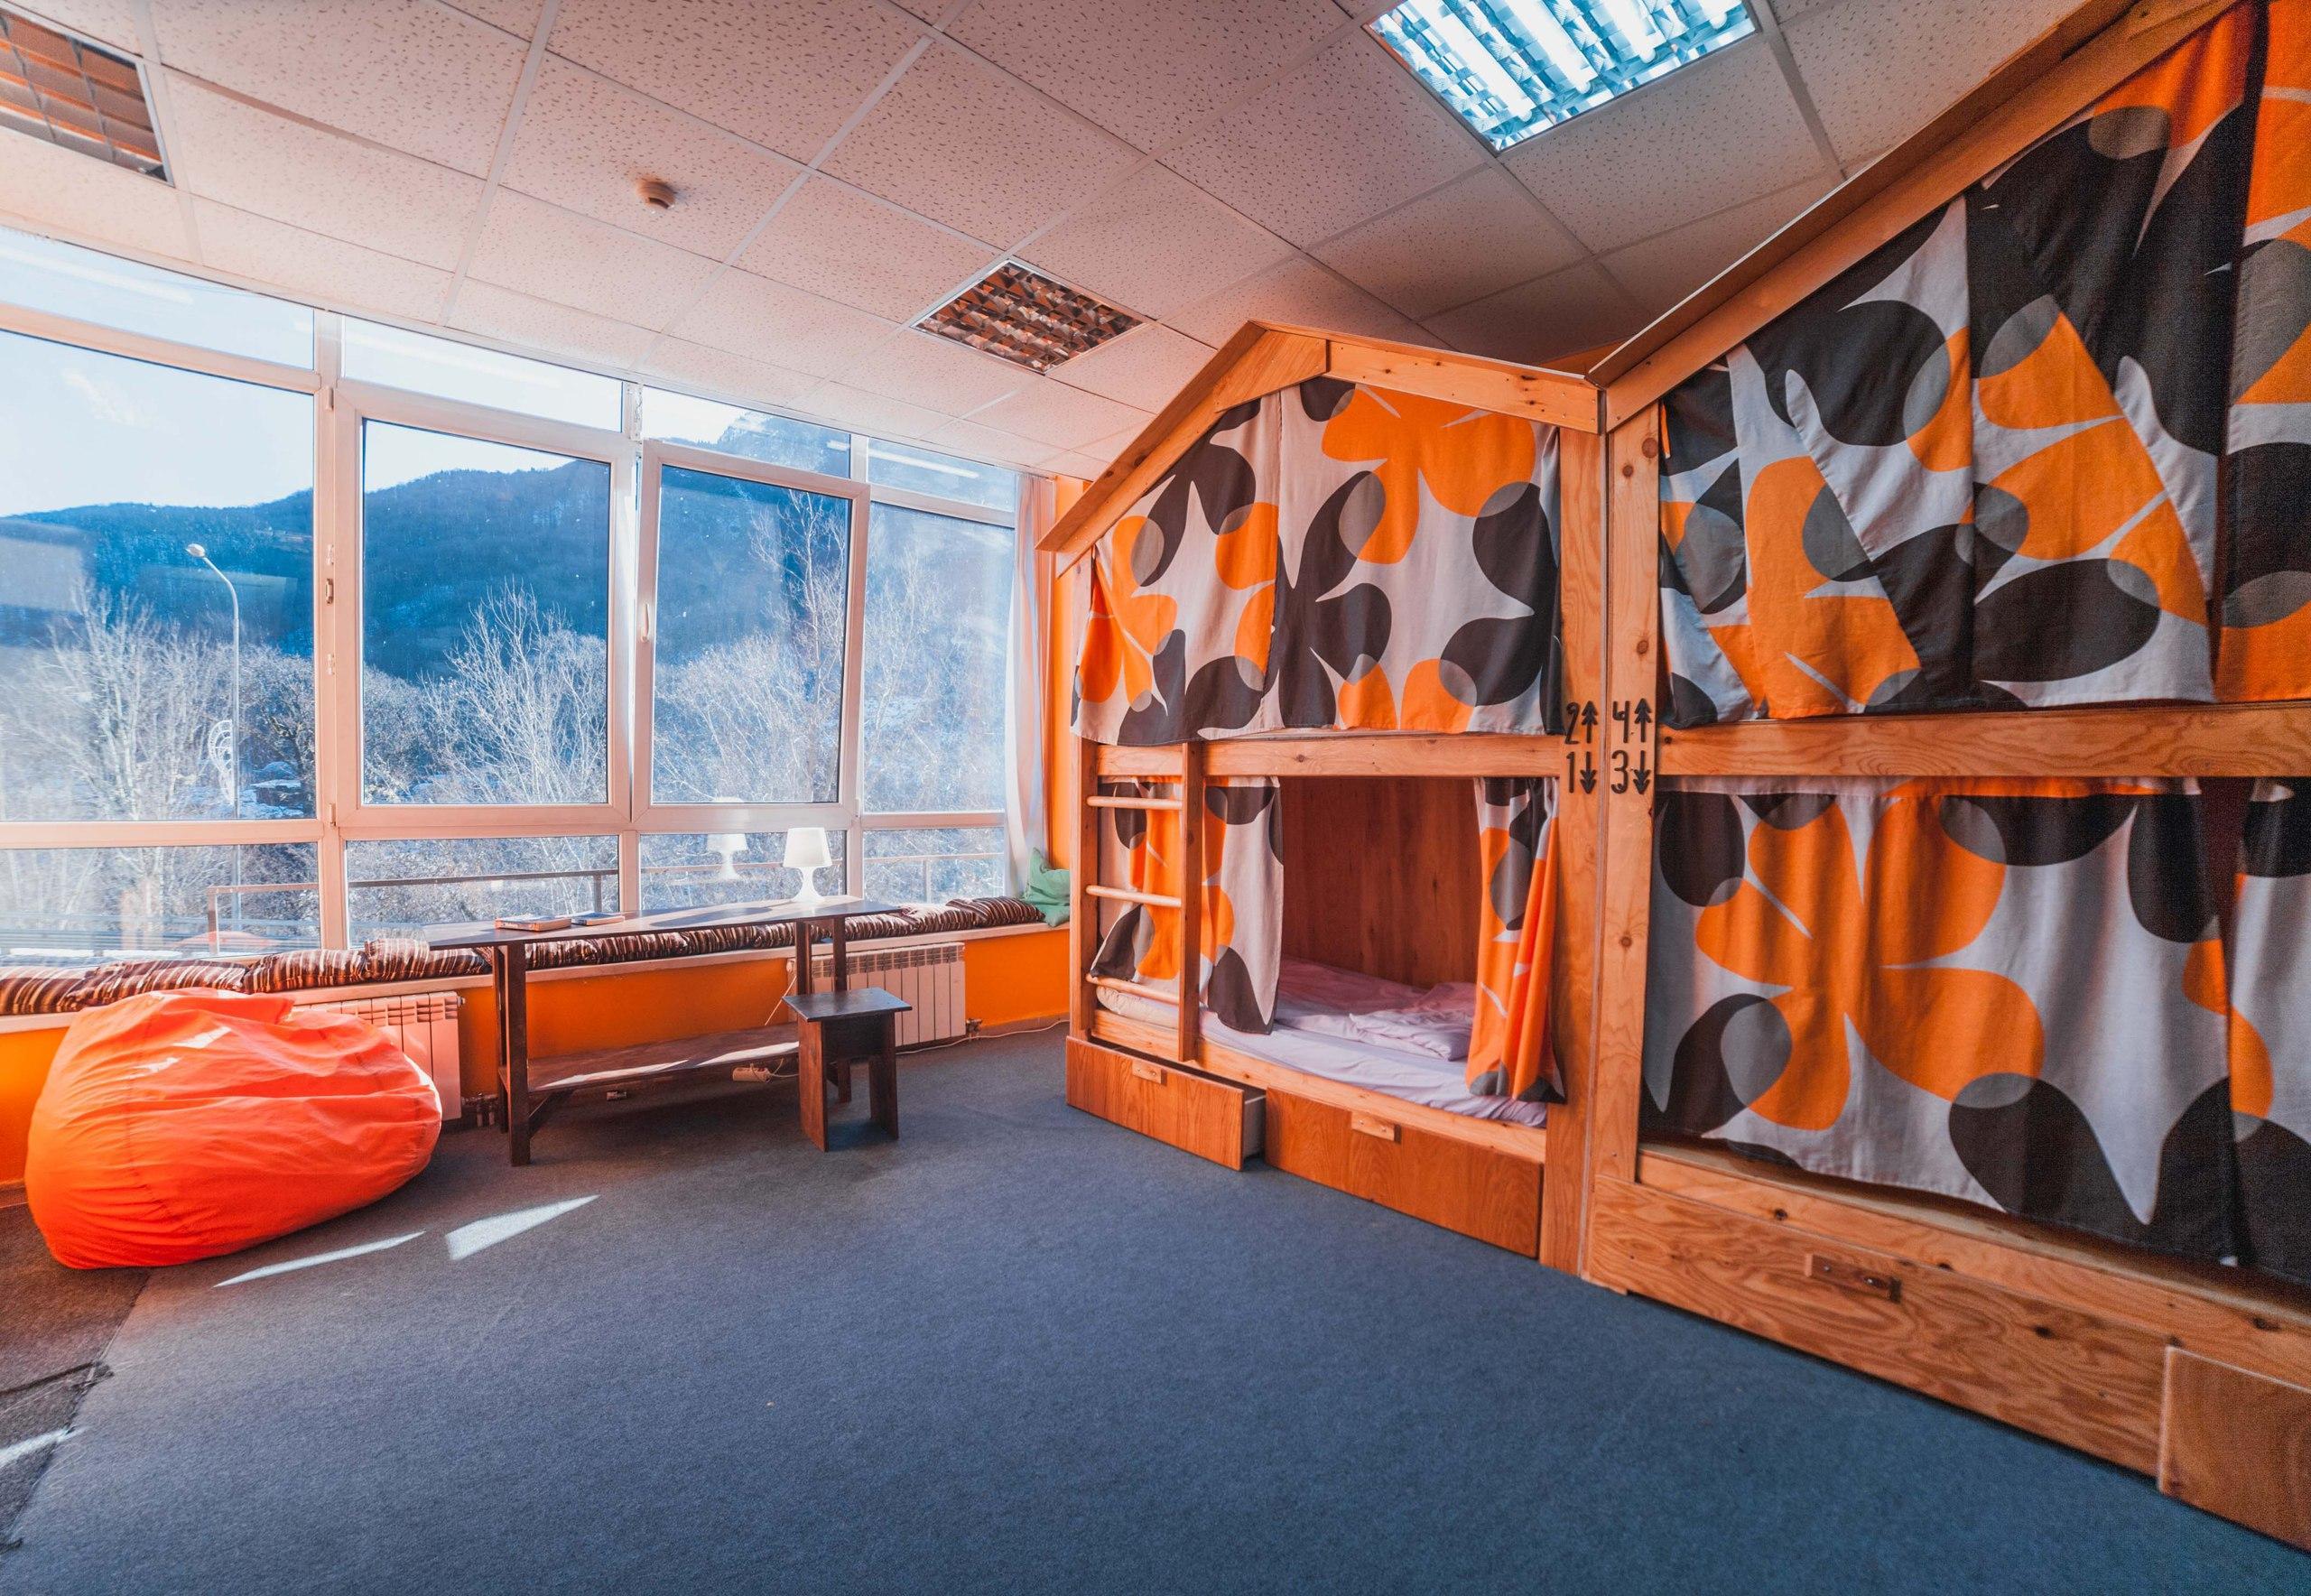 Лучший хостел Красной поляны - image wo6s98egikm on https://bizneskvartal.ru